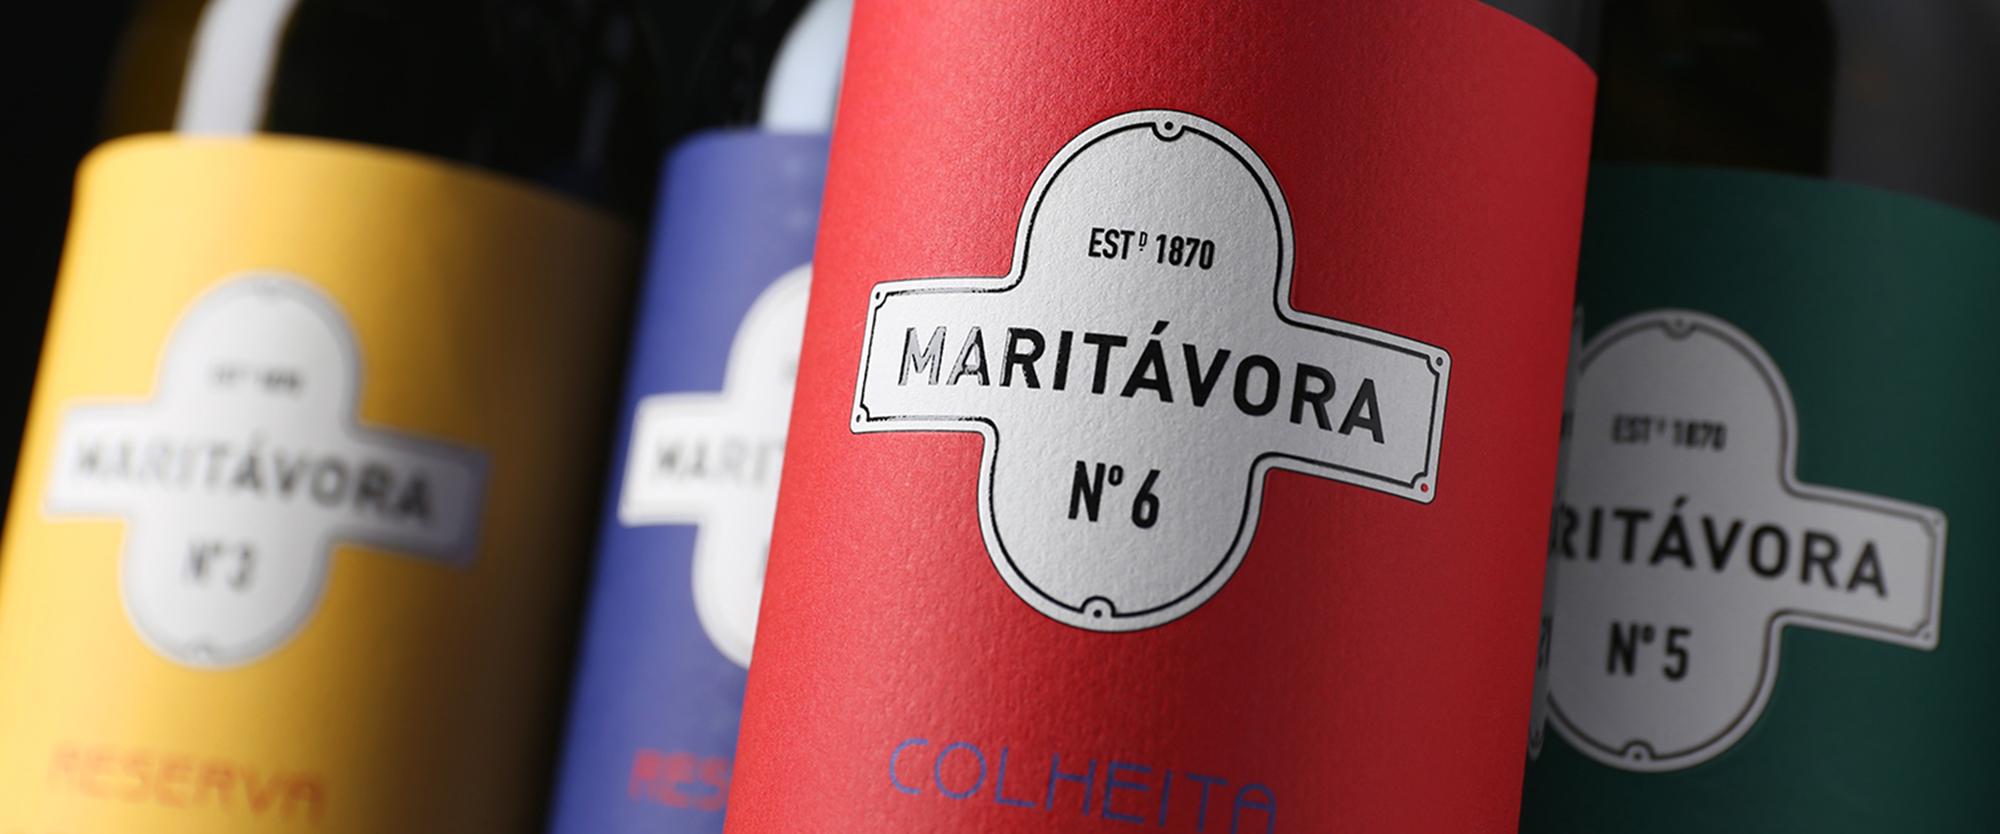 design-rotulo-vinho-maritavora-pormenor